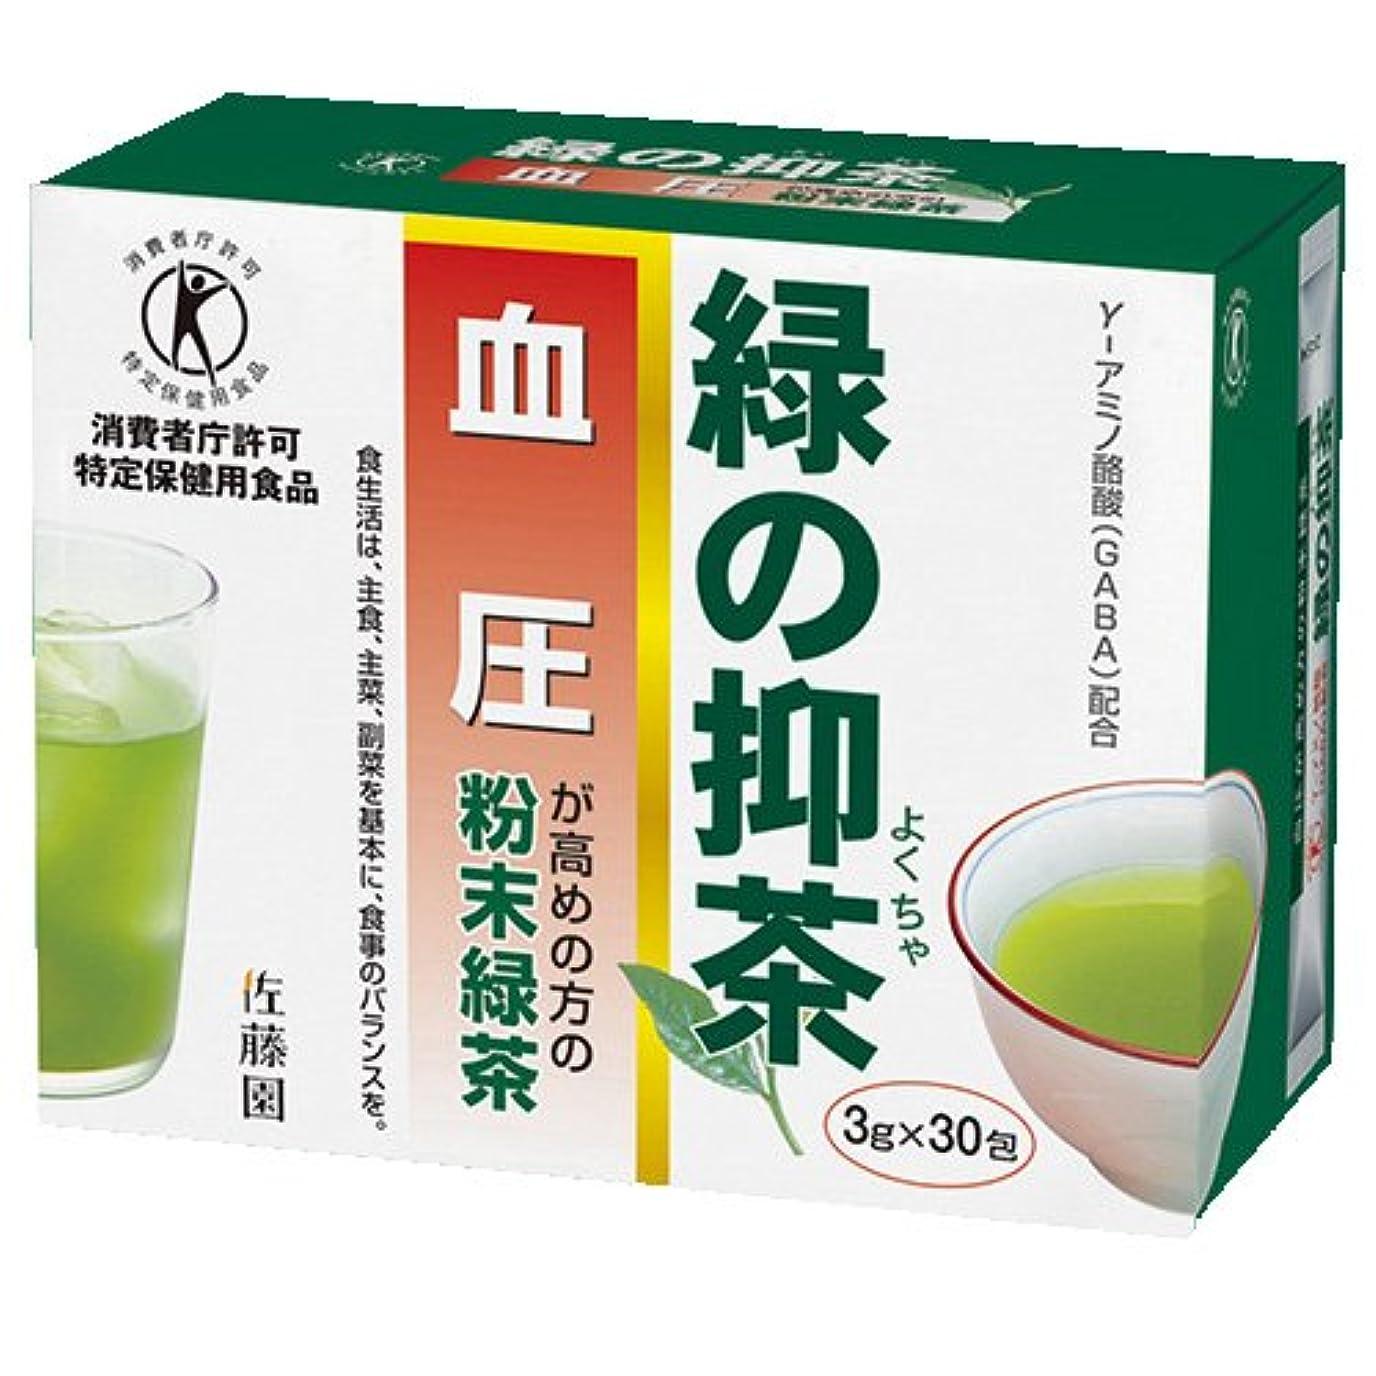 ながらスペード苦情文句佐藤園のトクホのお茶 緑の抑茶(血圧) 30包 [特定保健用食品]